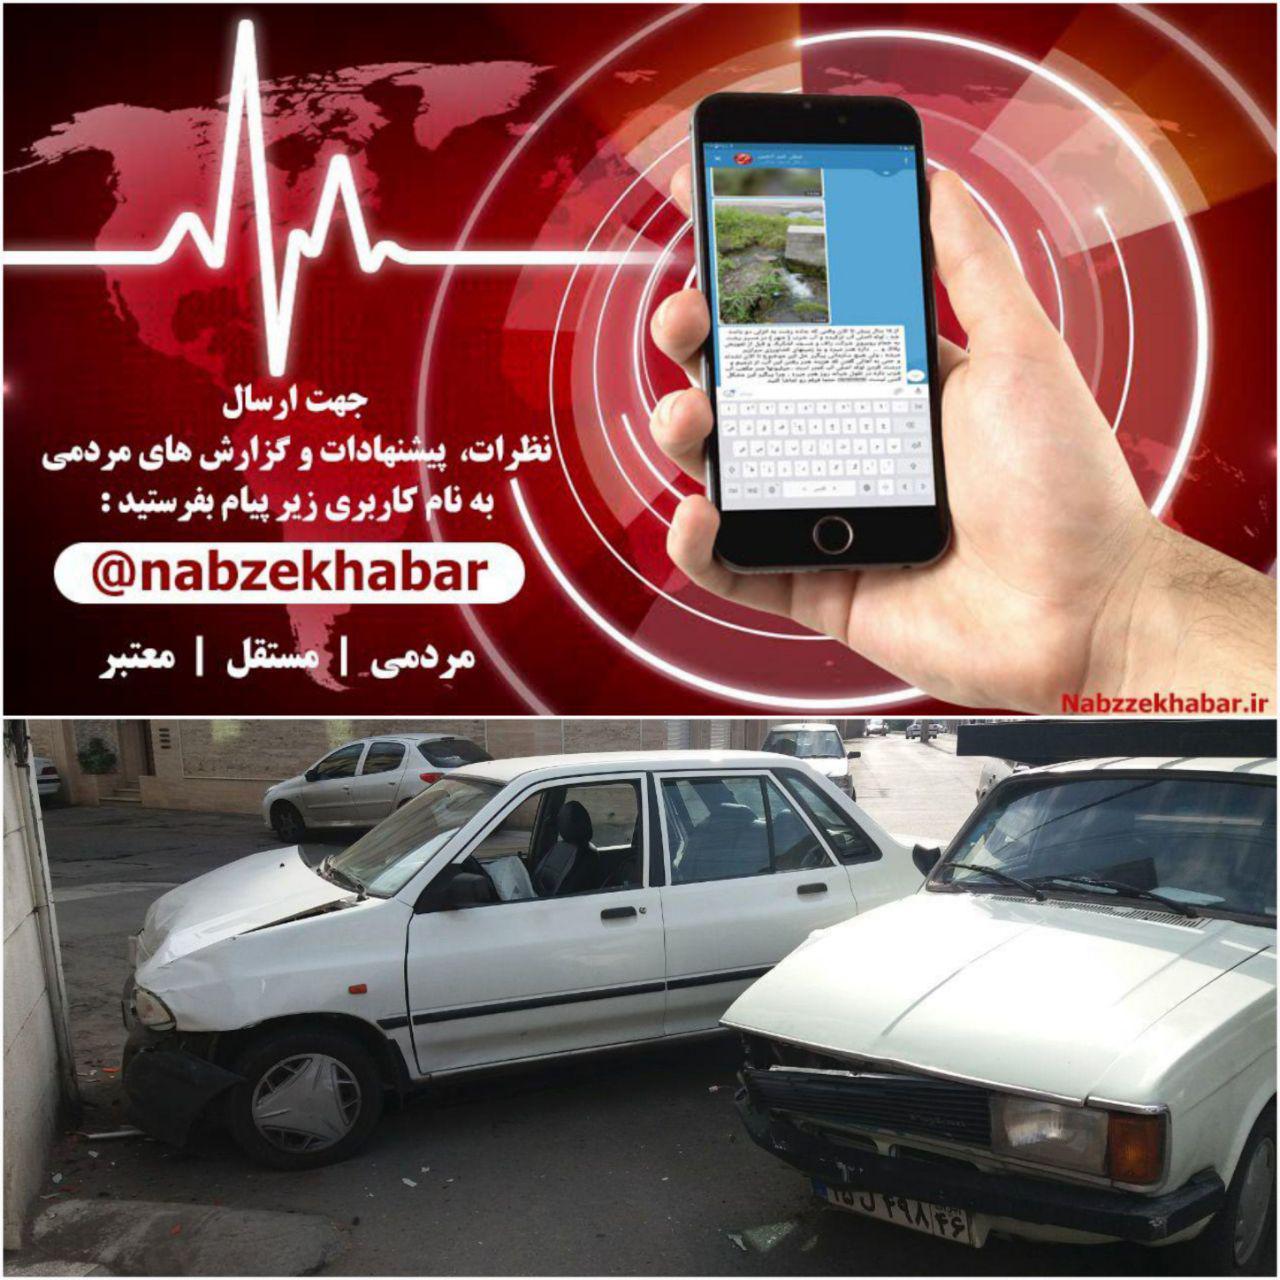 خیابان هایی که موجب حادثه میشوند